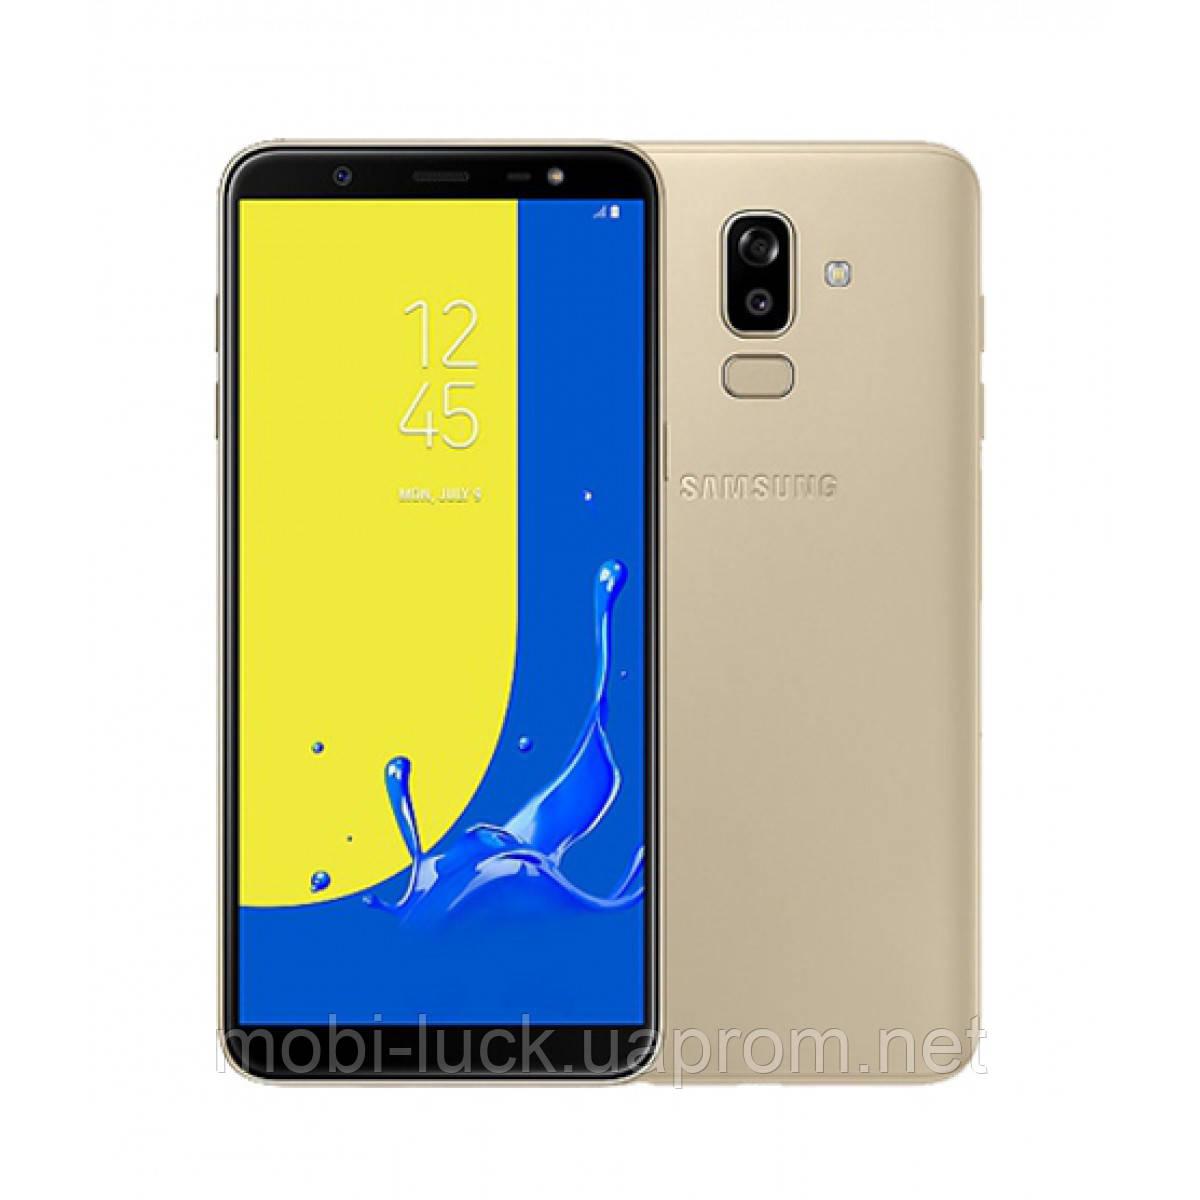 Недорогие мобильные телефоны в Украине